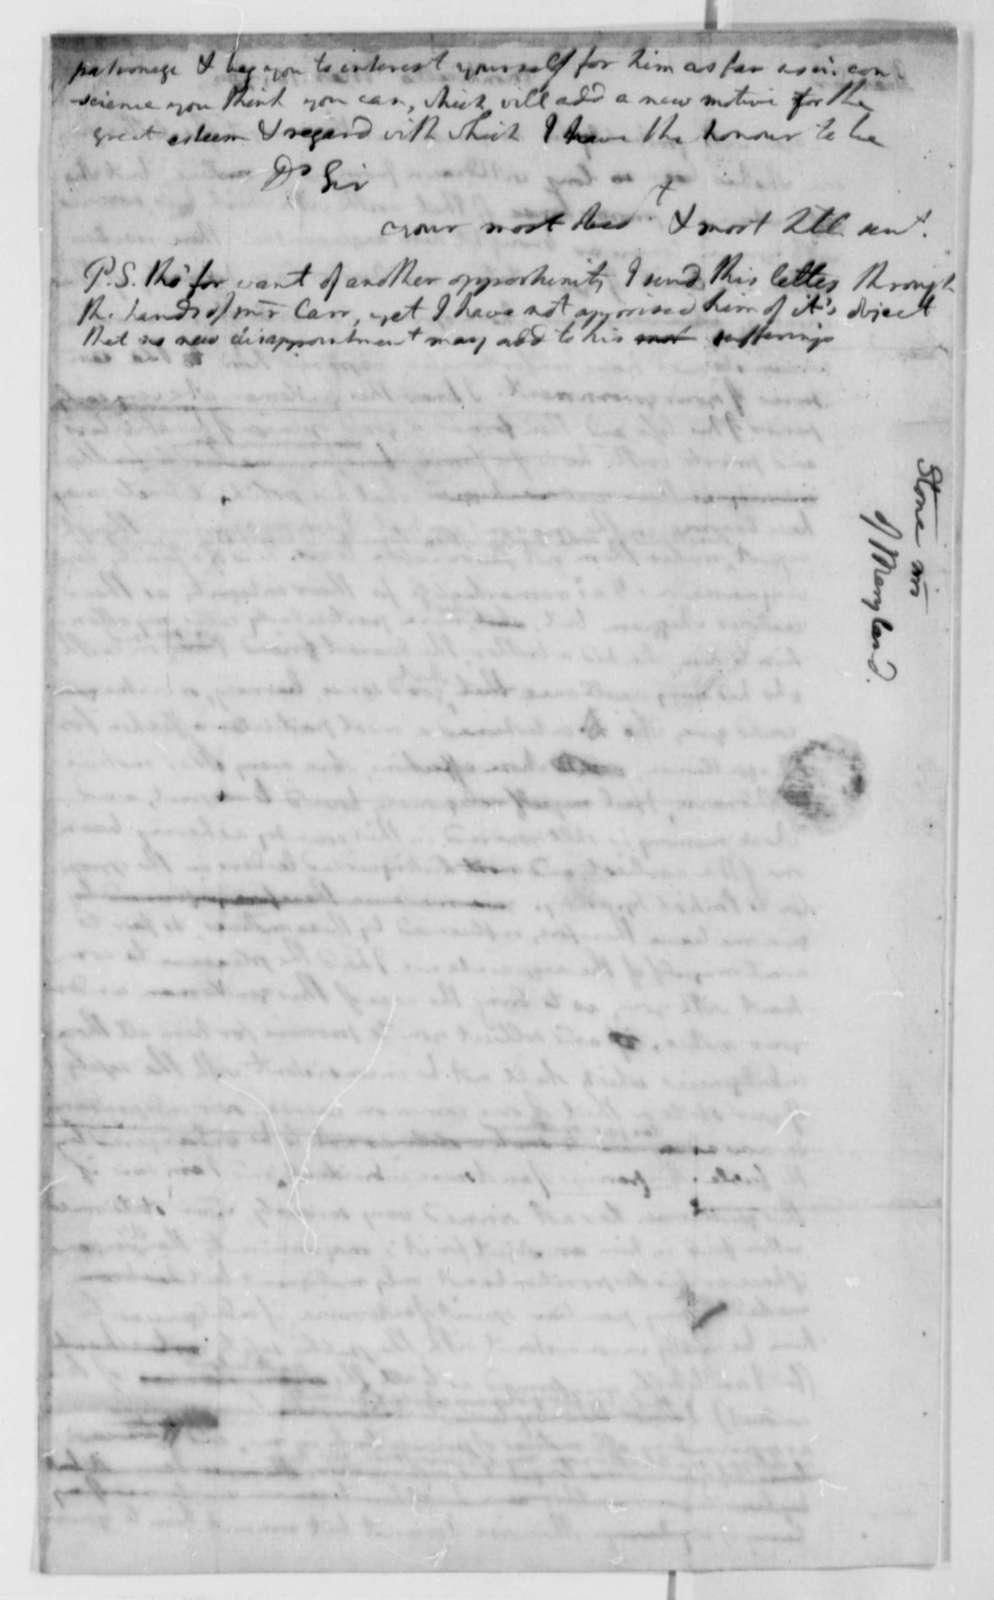 Thomas Jefferson to Thomas Stone, March 16, 1782